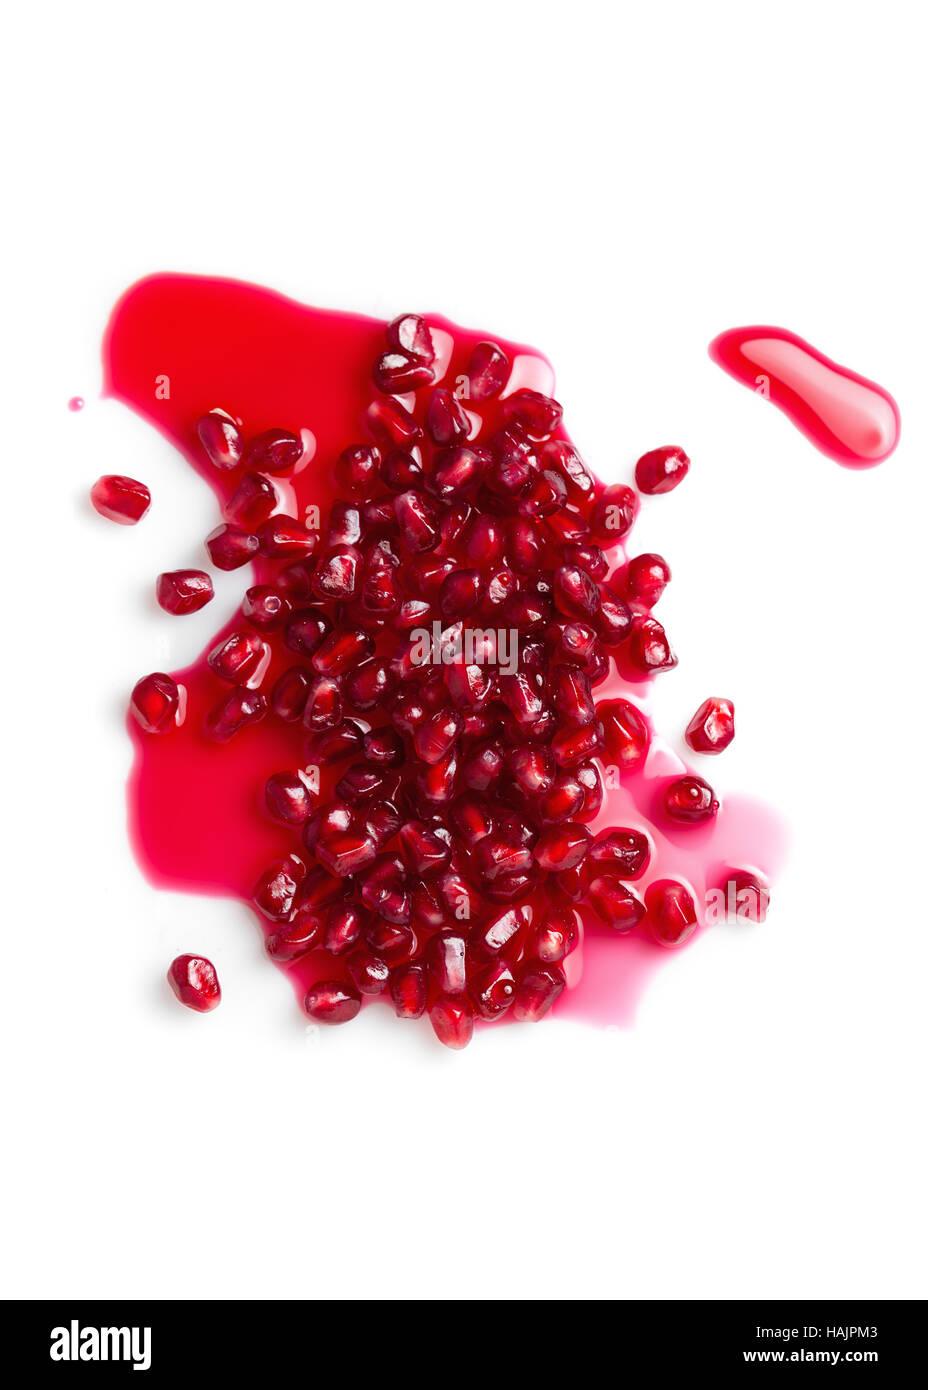 Pomegranates seeds on white background - Stock Image